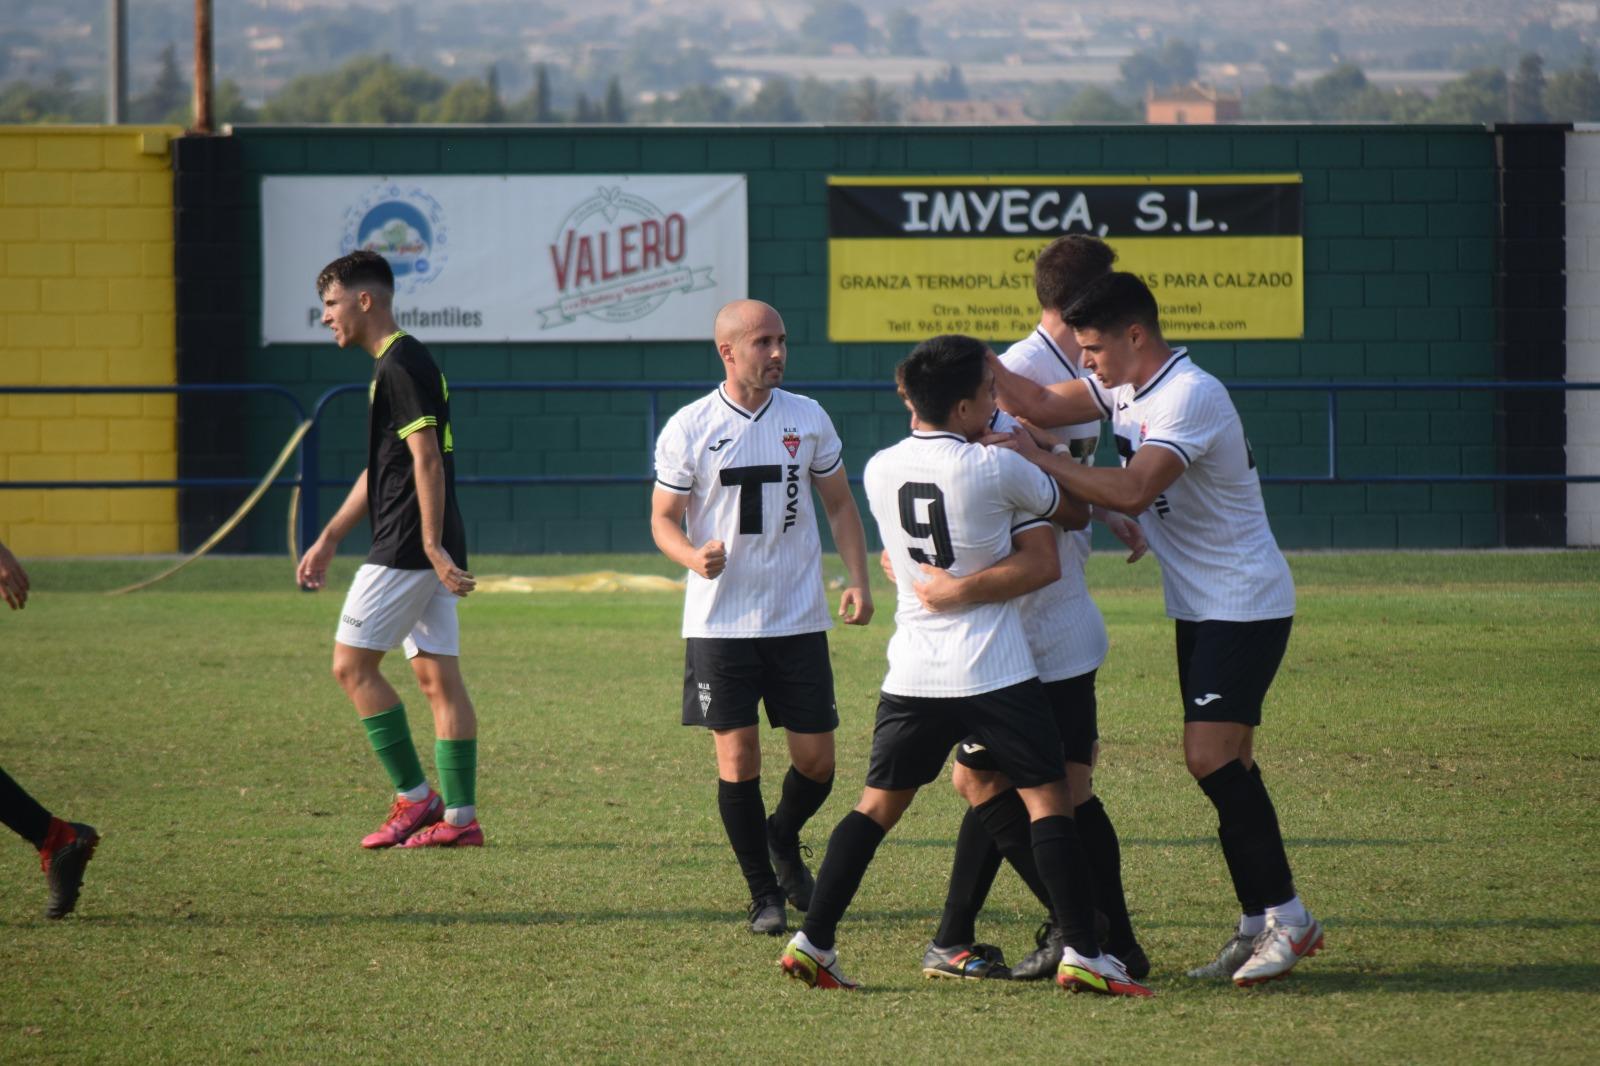 Celebración del gol de Vicedo frente a la UD Ilicitana